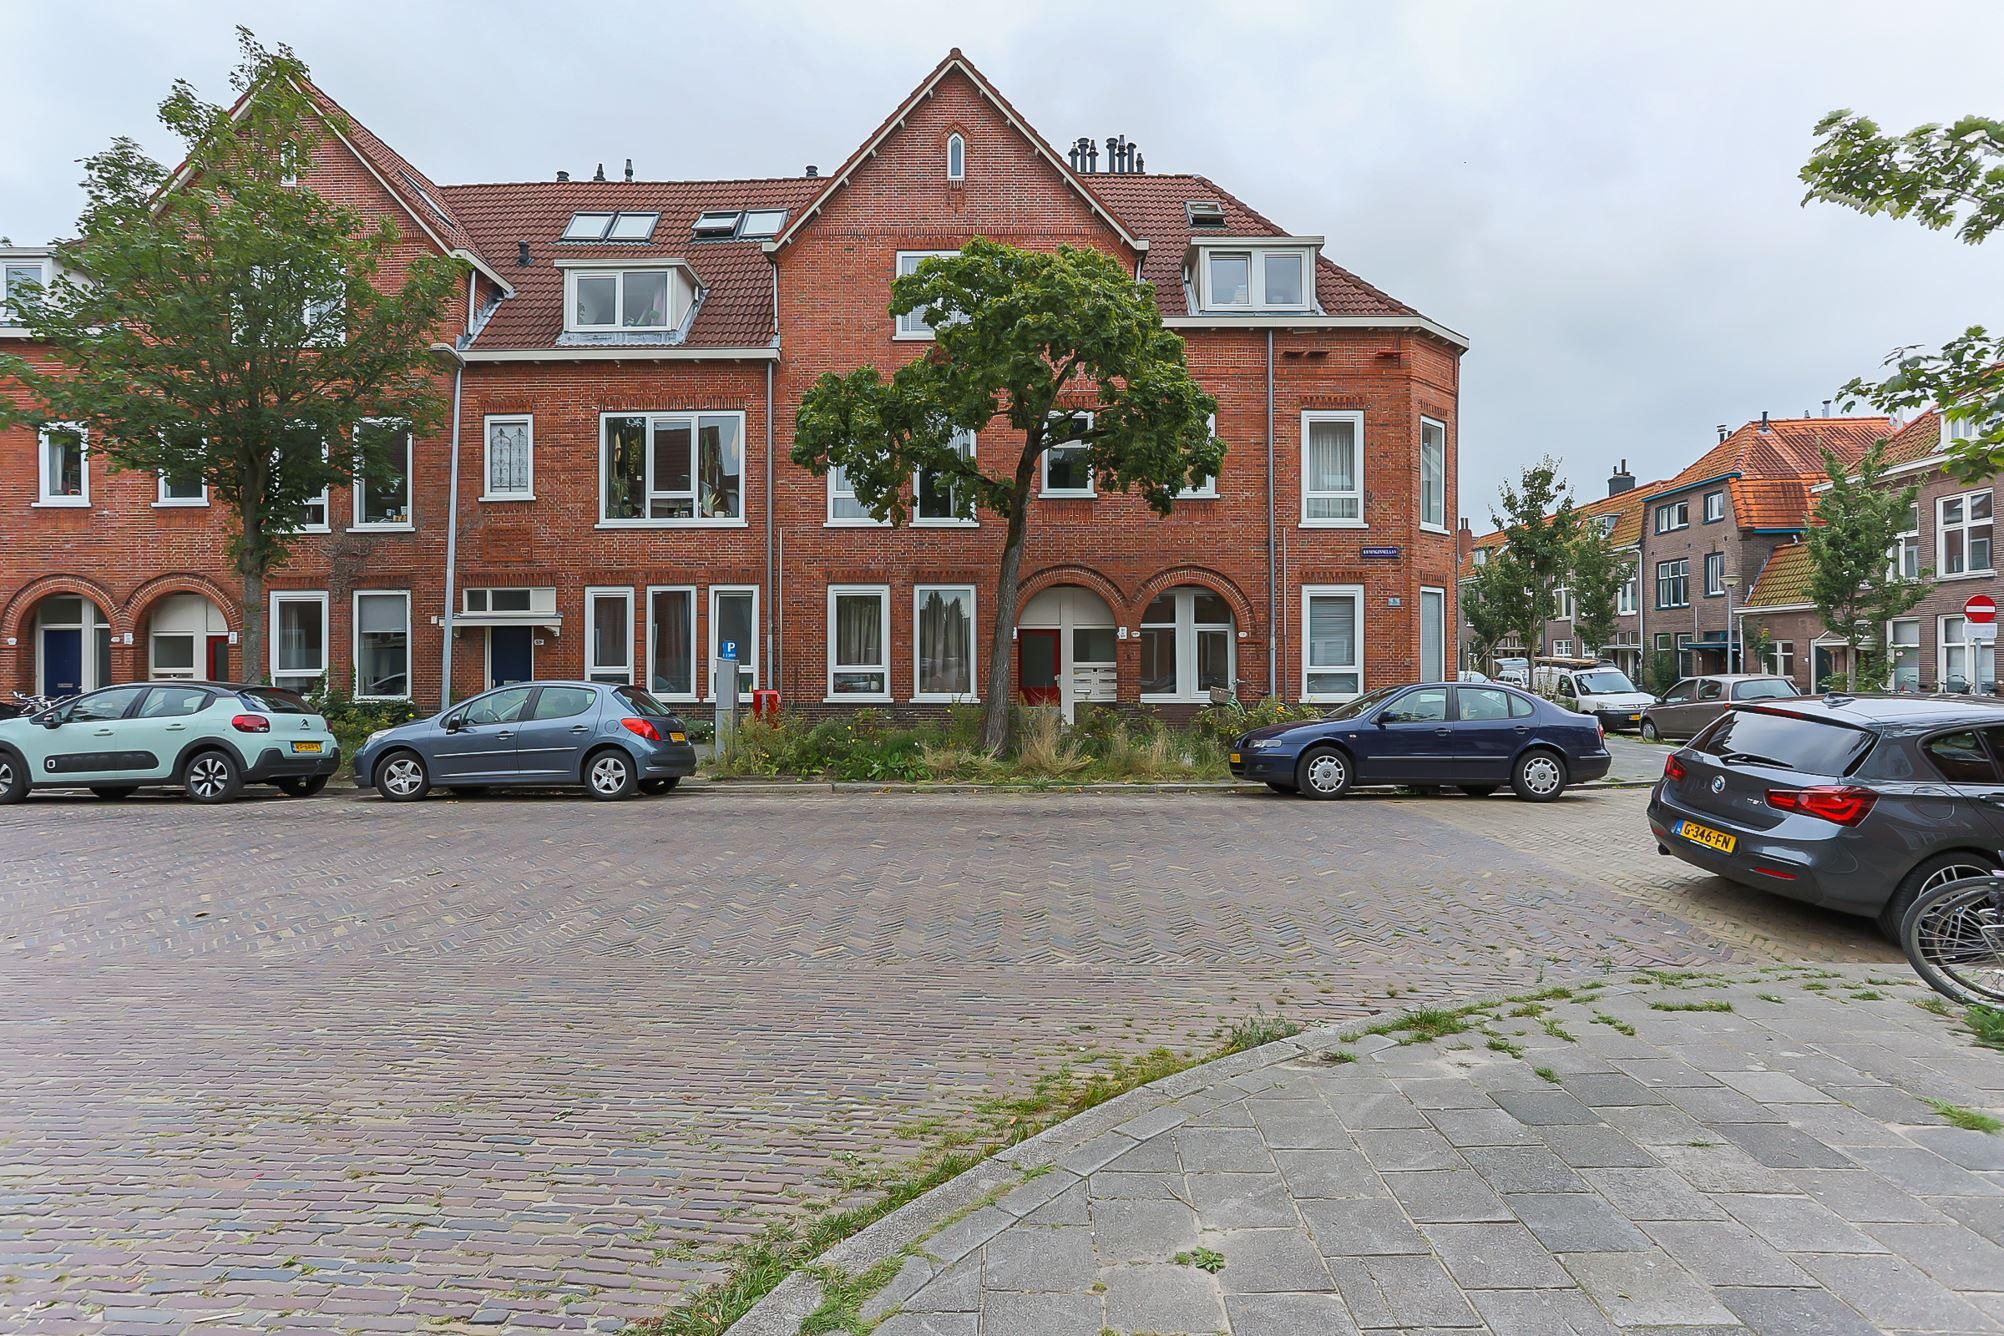 Koninginnelaan 51 Groningen - Benedenwoning in de Oranjebuurt